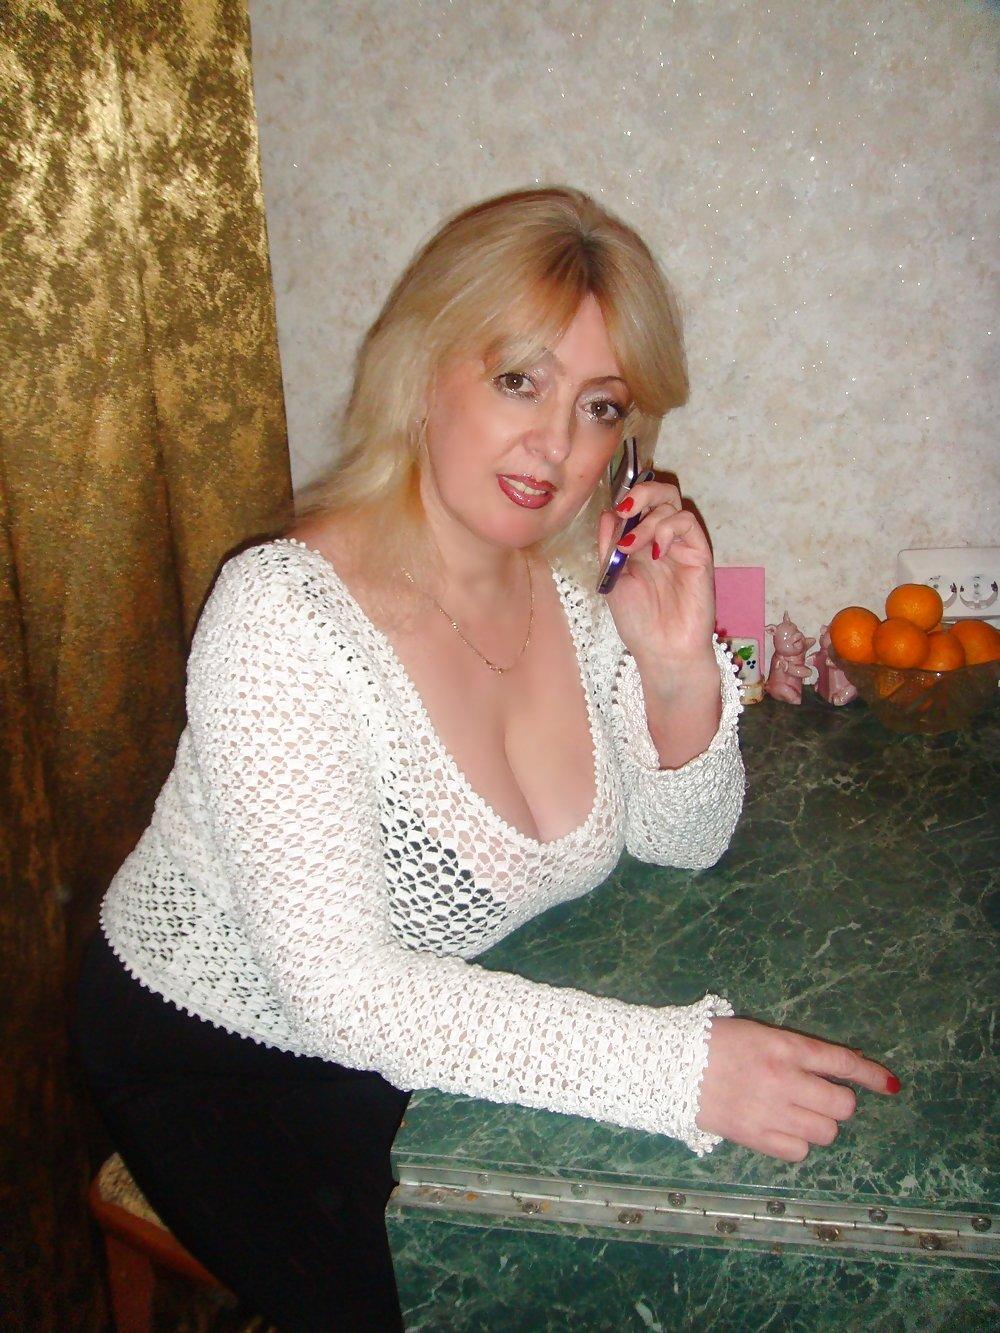 встает, зрелые дамы русские женщины если все делаешь